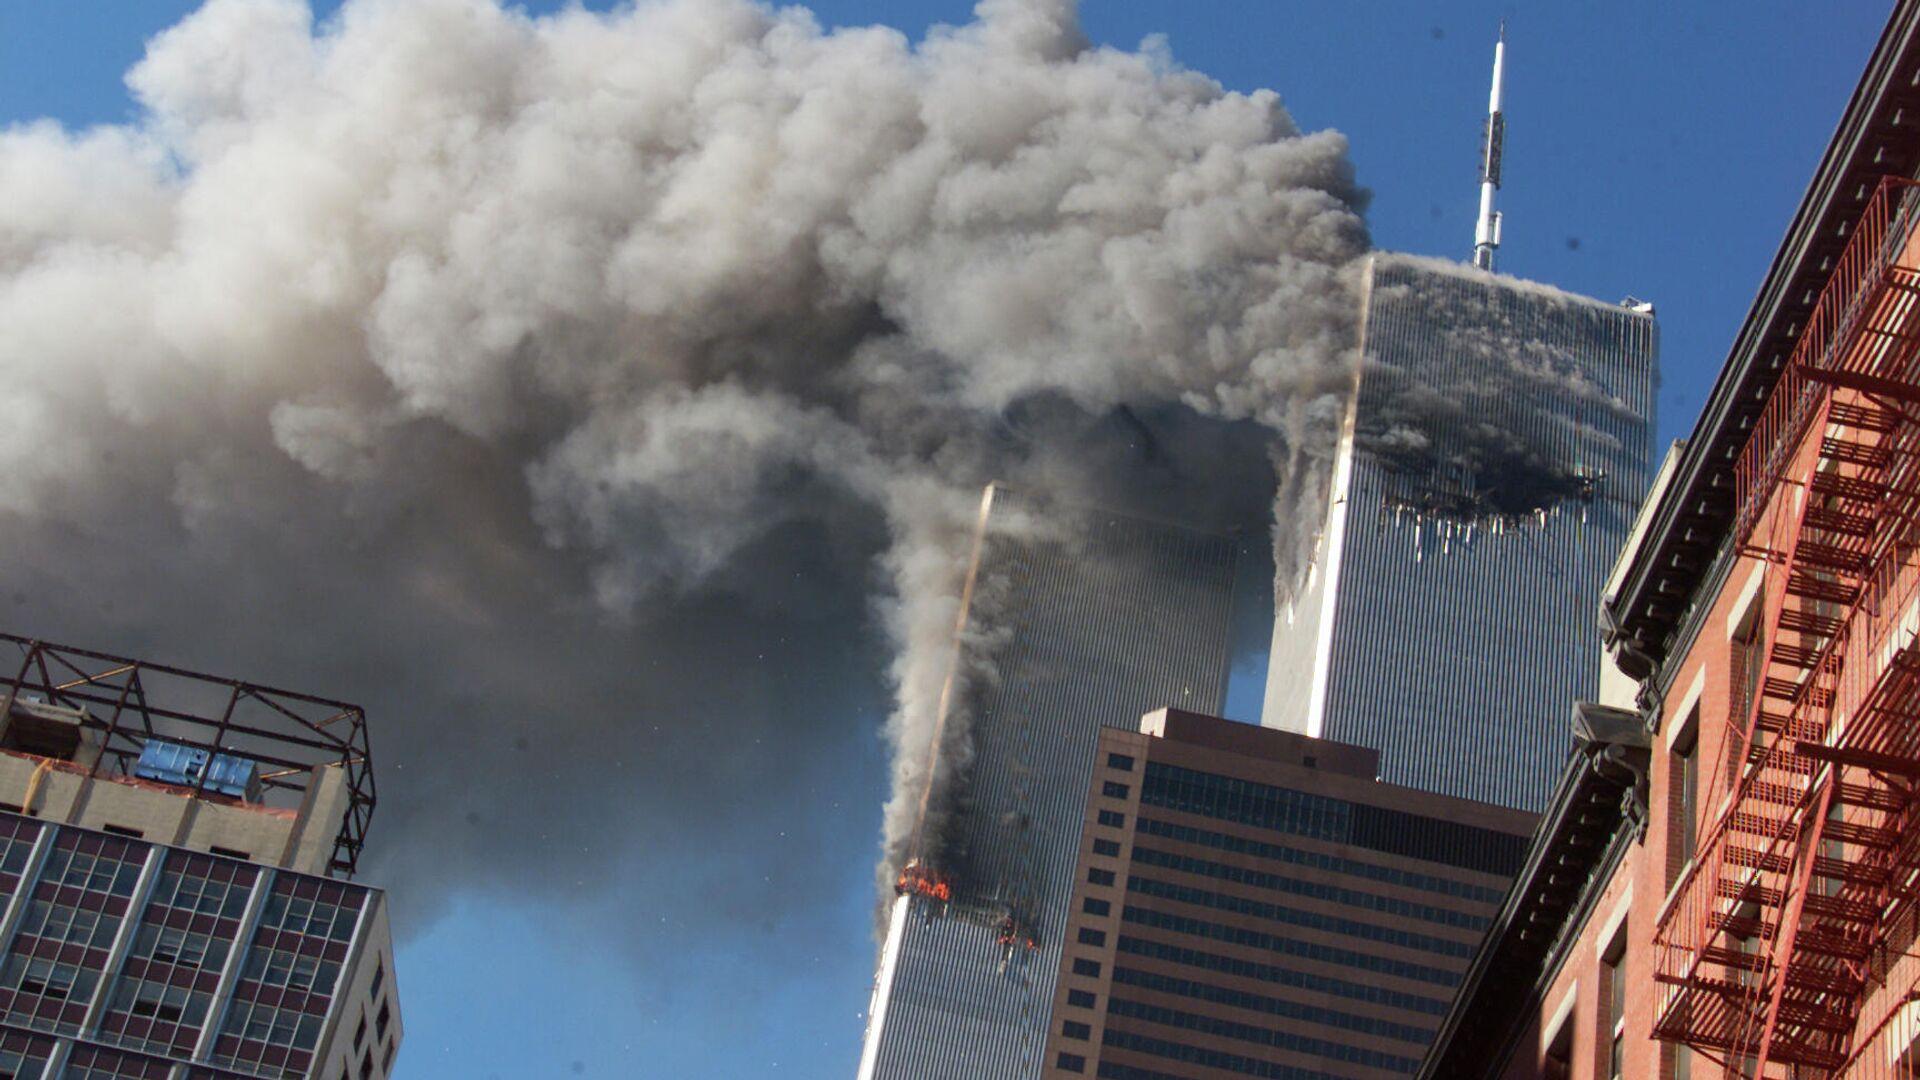 Теракт в США 11 сентября 2001 года, архивное фото - Sputnik Грузия, 1920, 11.09.2021